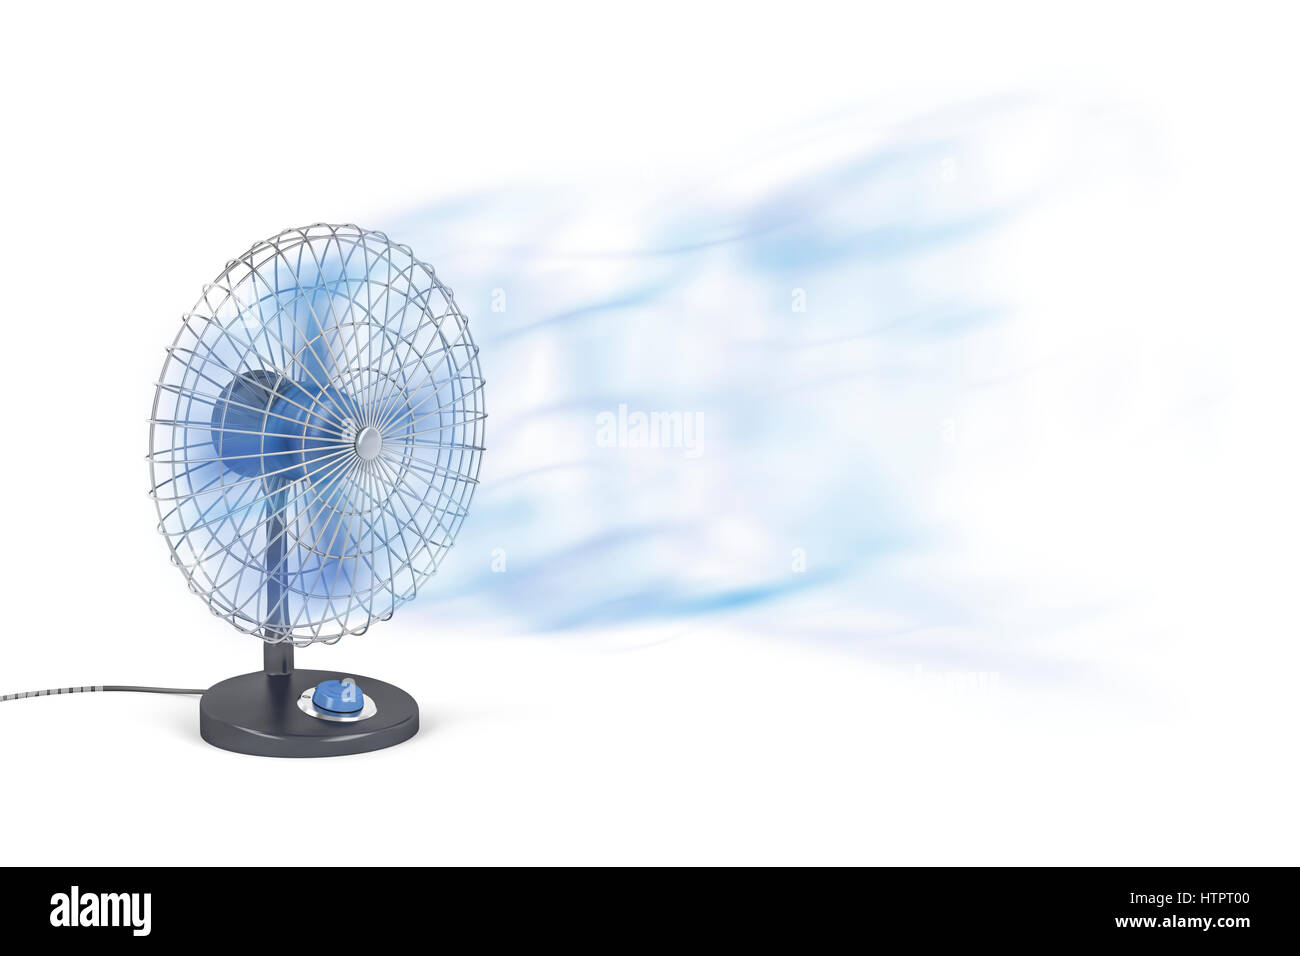 ventilateur lectrique soufflant de l 39 air froid banque d 39 images photo stock 135726080 alamy. Black Bedroom Furniture Sets. Home Design Ideas